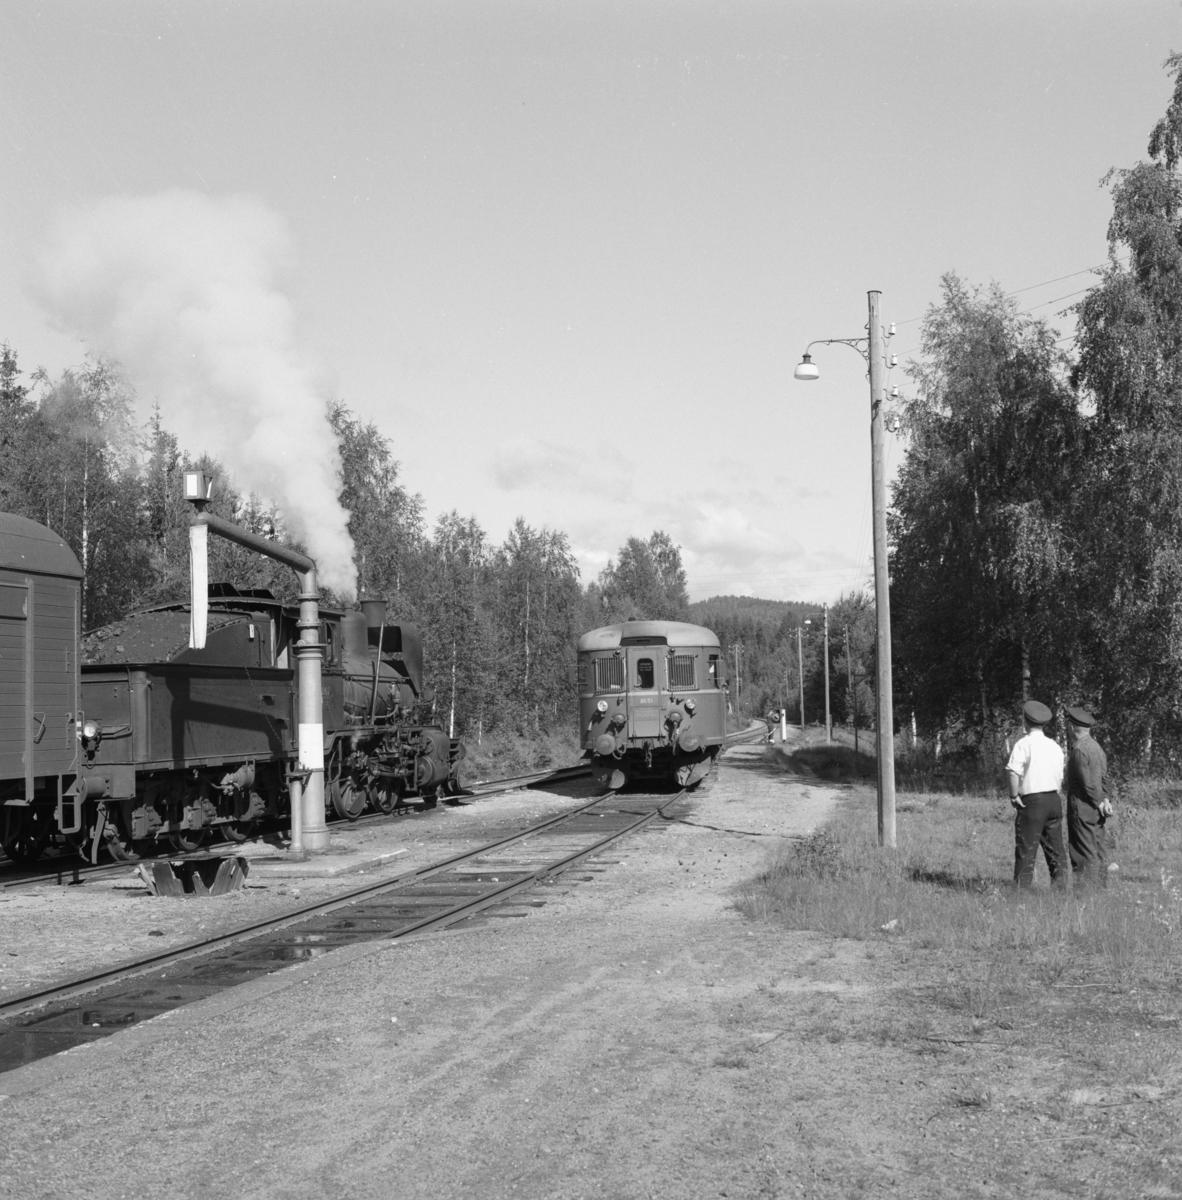 Kryssing på Lampeland stasjon mellom persontog 2196 fra Rødberg og godstog 5397 fra Kongsberg.